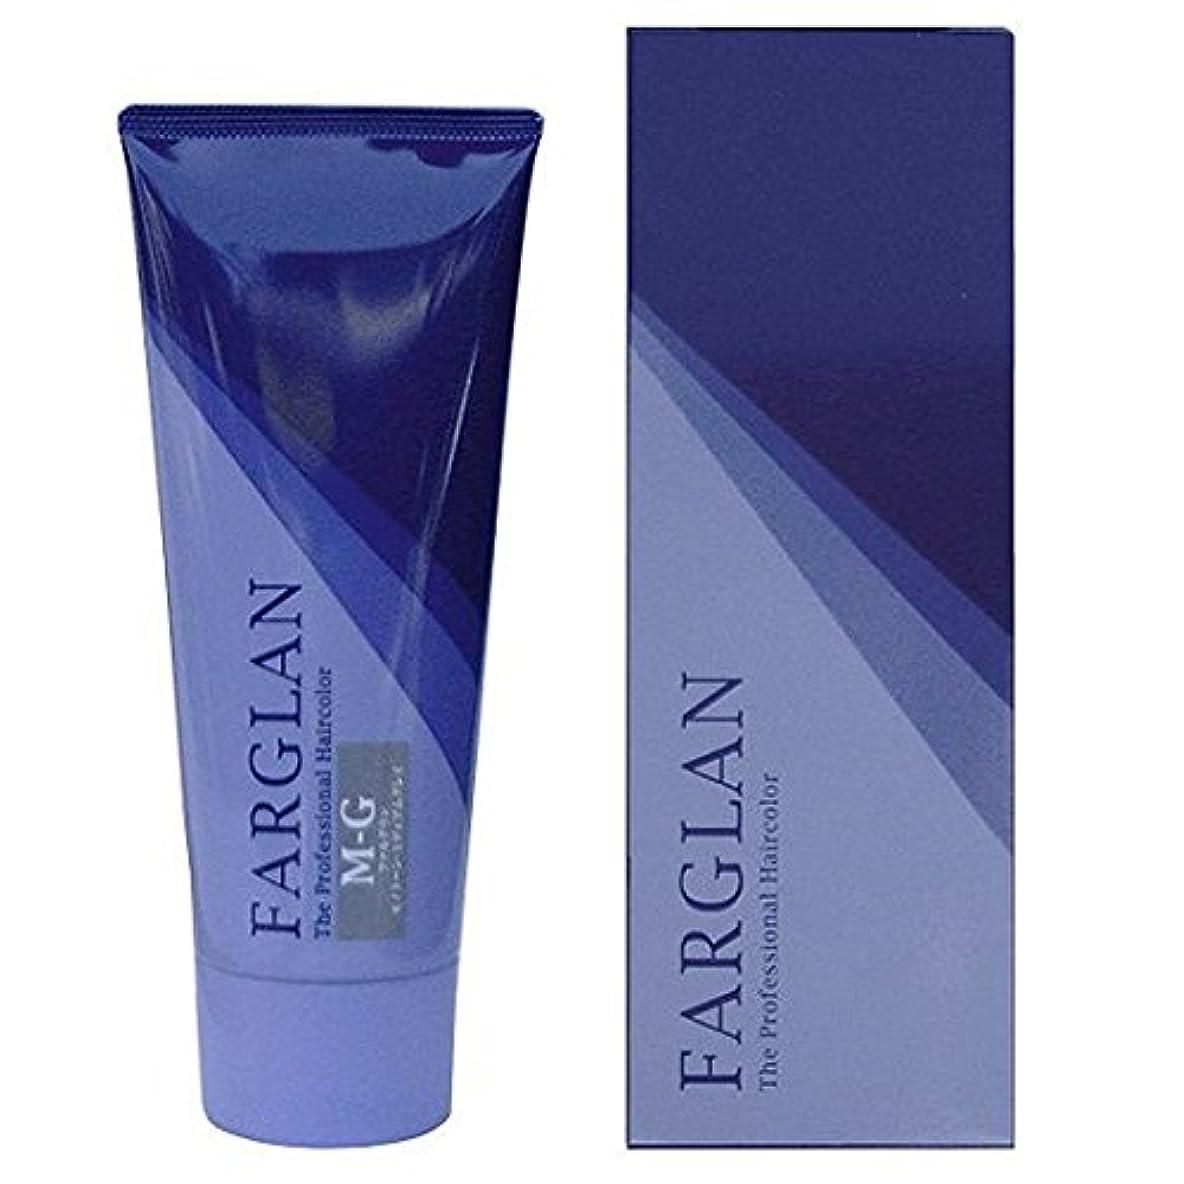 間違い咽頭側FARGLAN(ファルグラン) ヘアカラー GR(GREEN) 160g